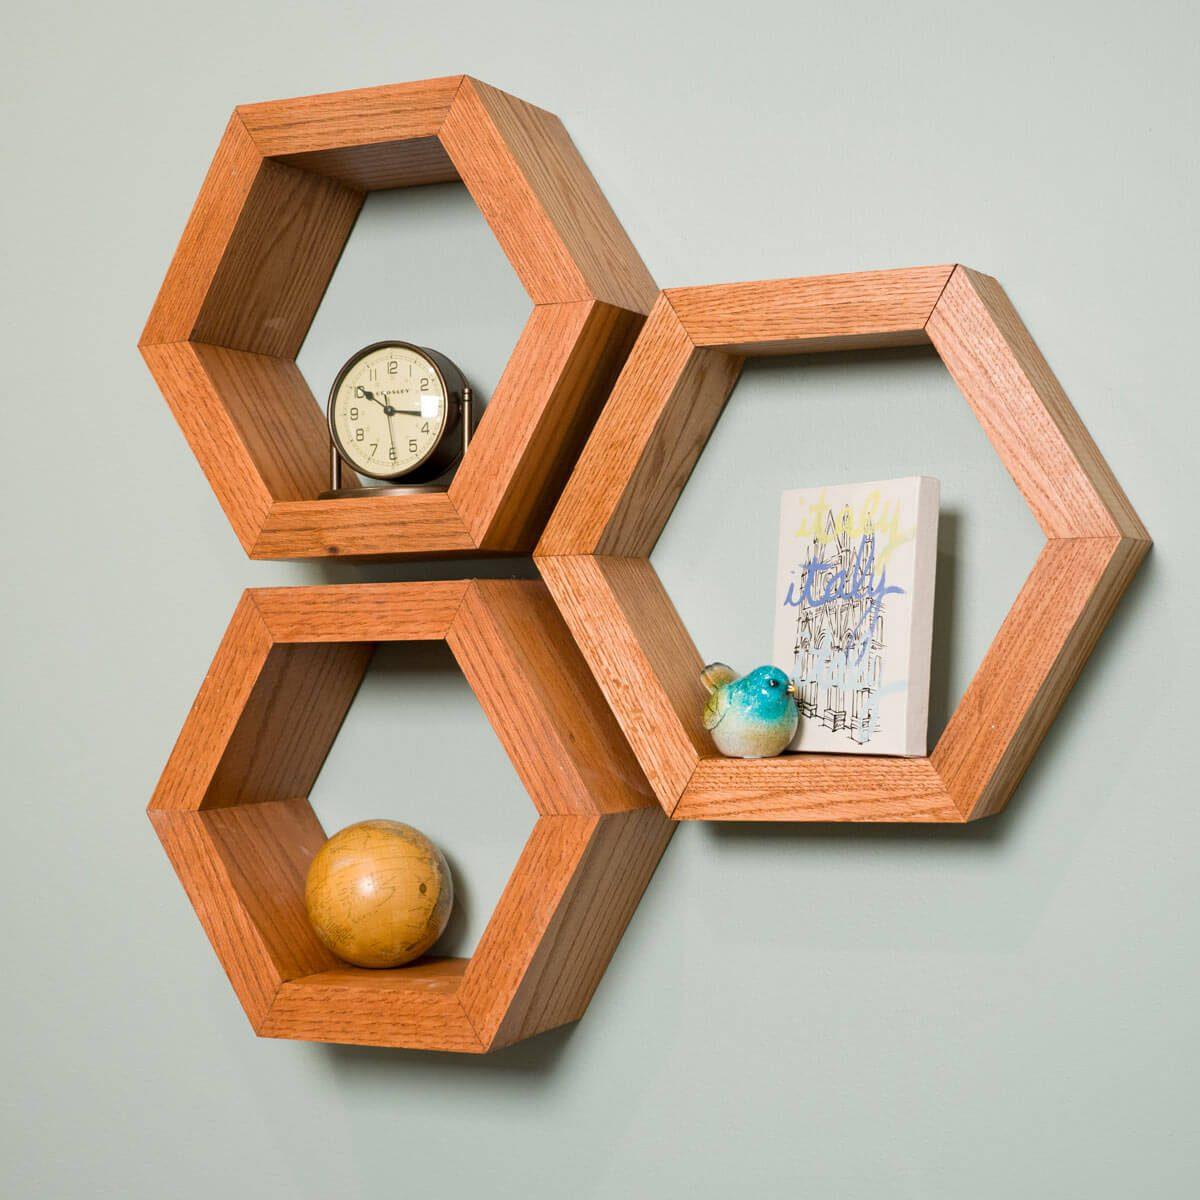 Hexagon Shelves Lead